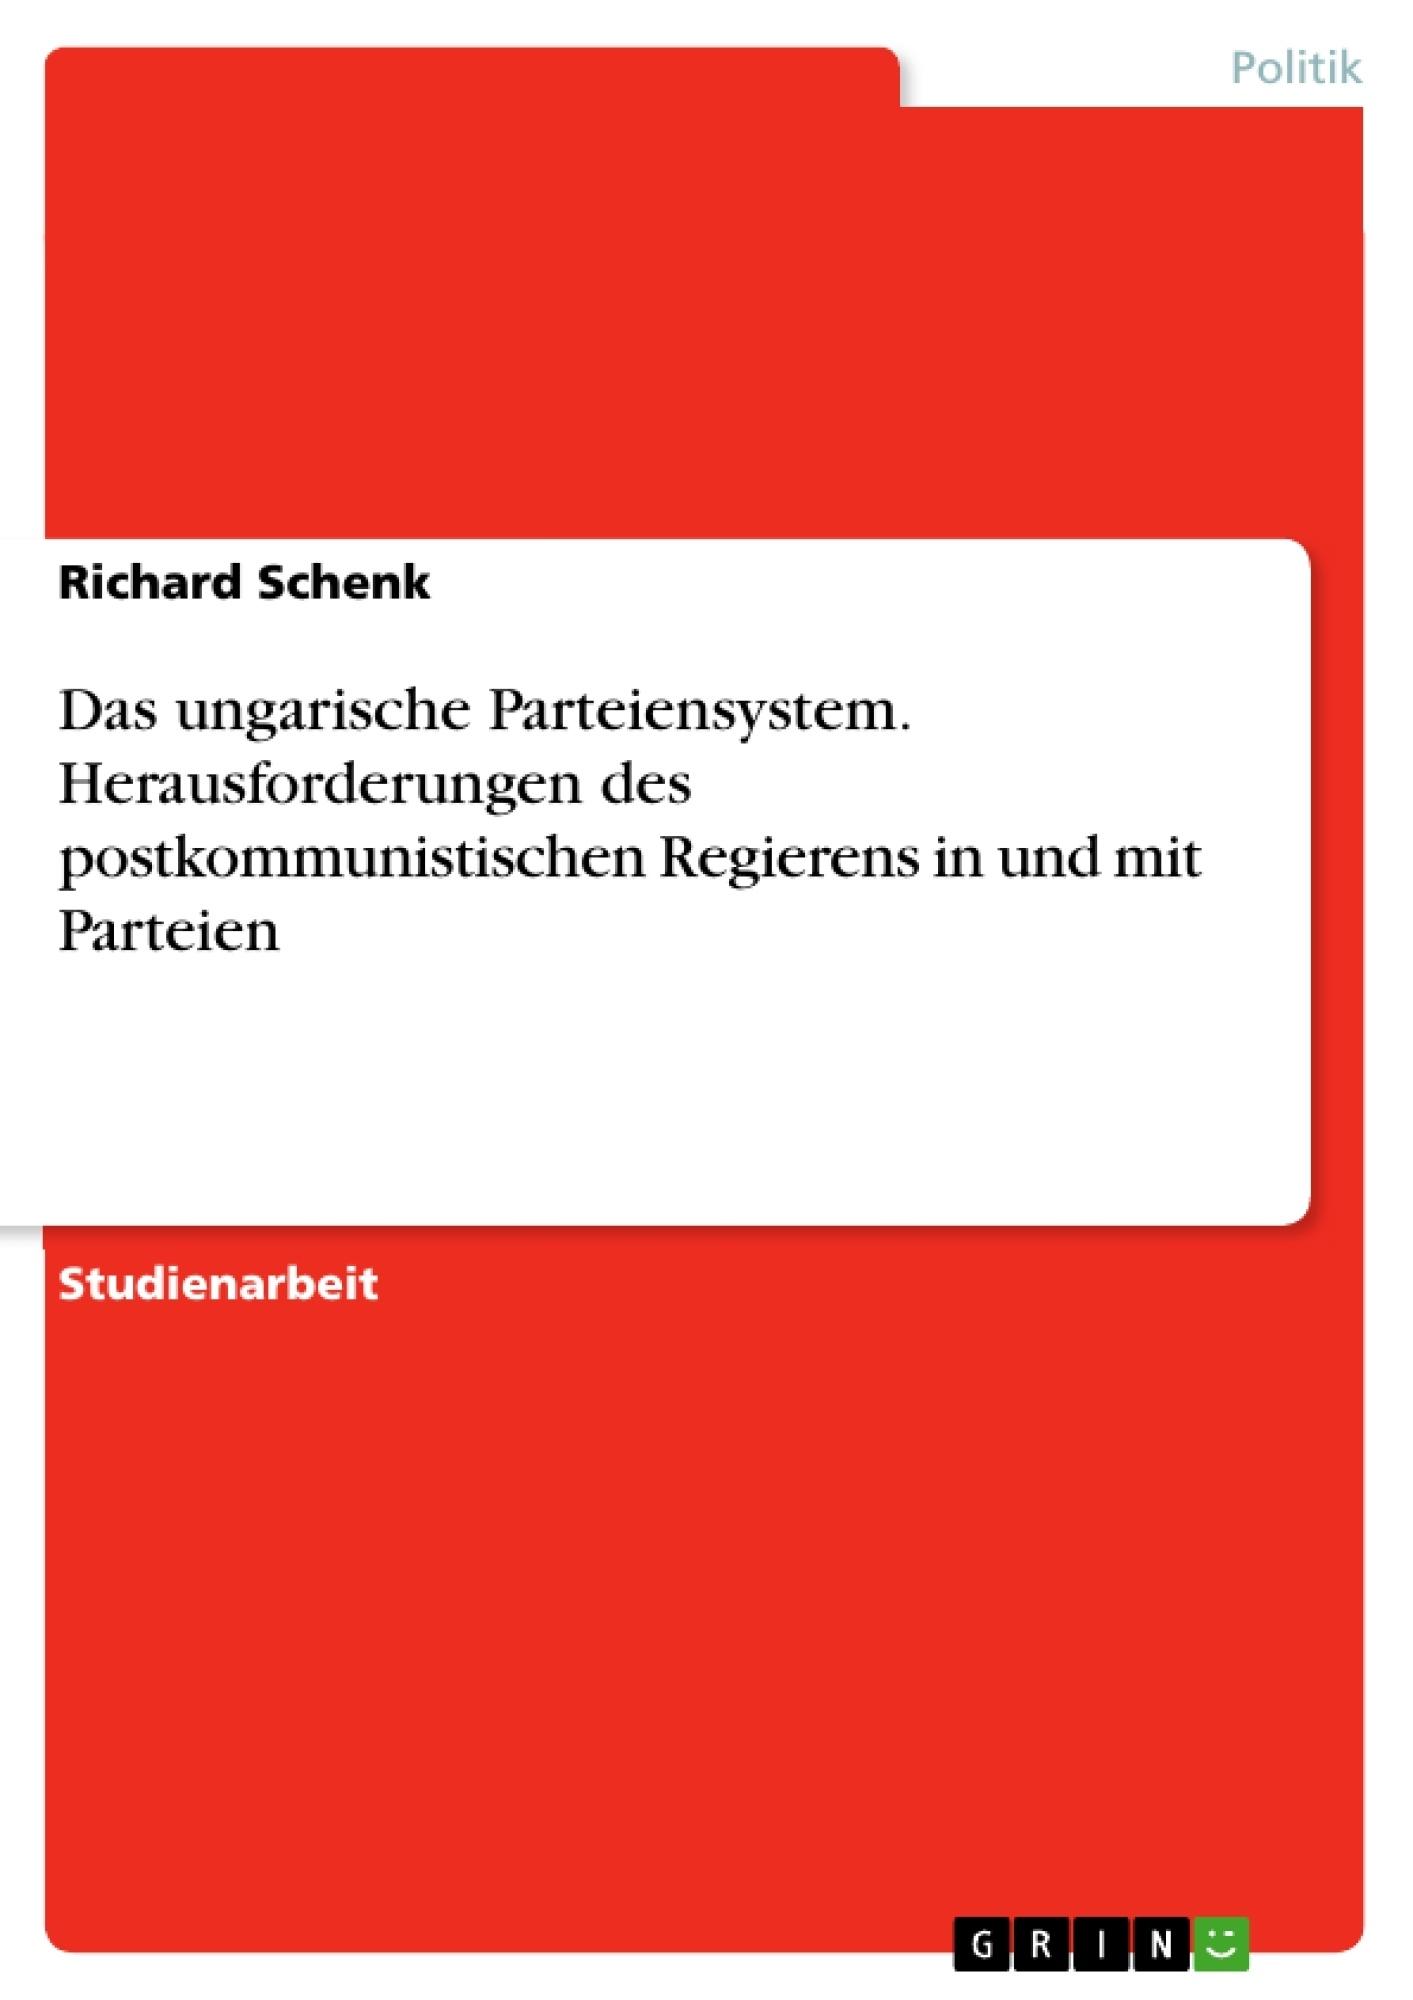 Titel: Das ungarische Parteiensystem. Herausforderungen des postkommunistischen Regierens in und mit Parteien